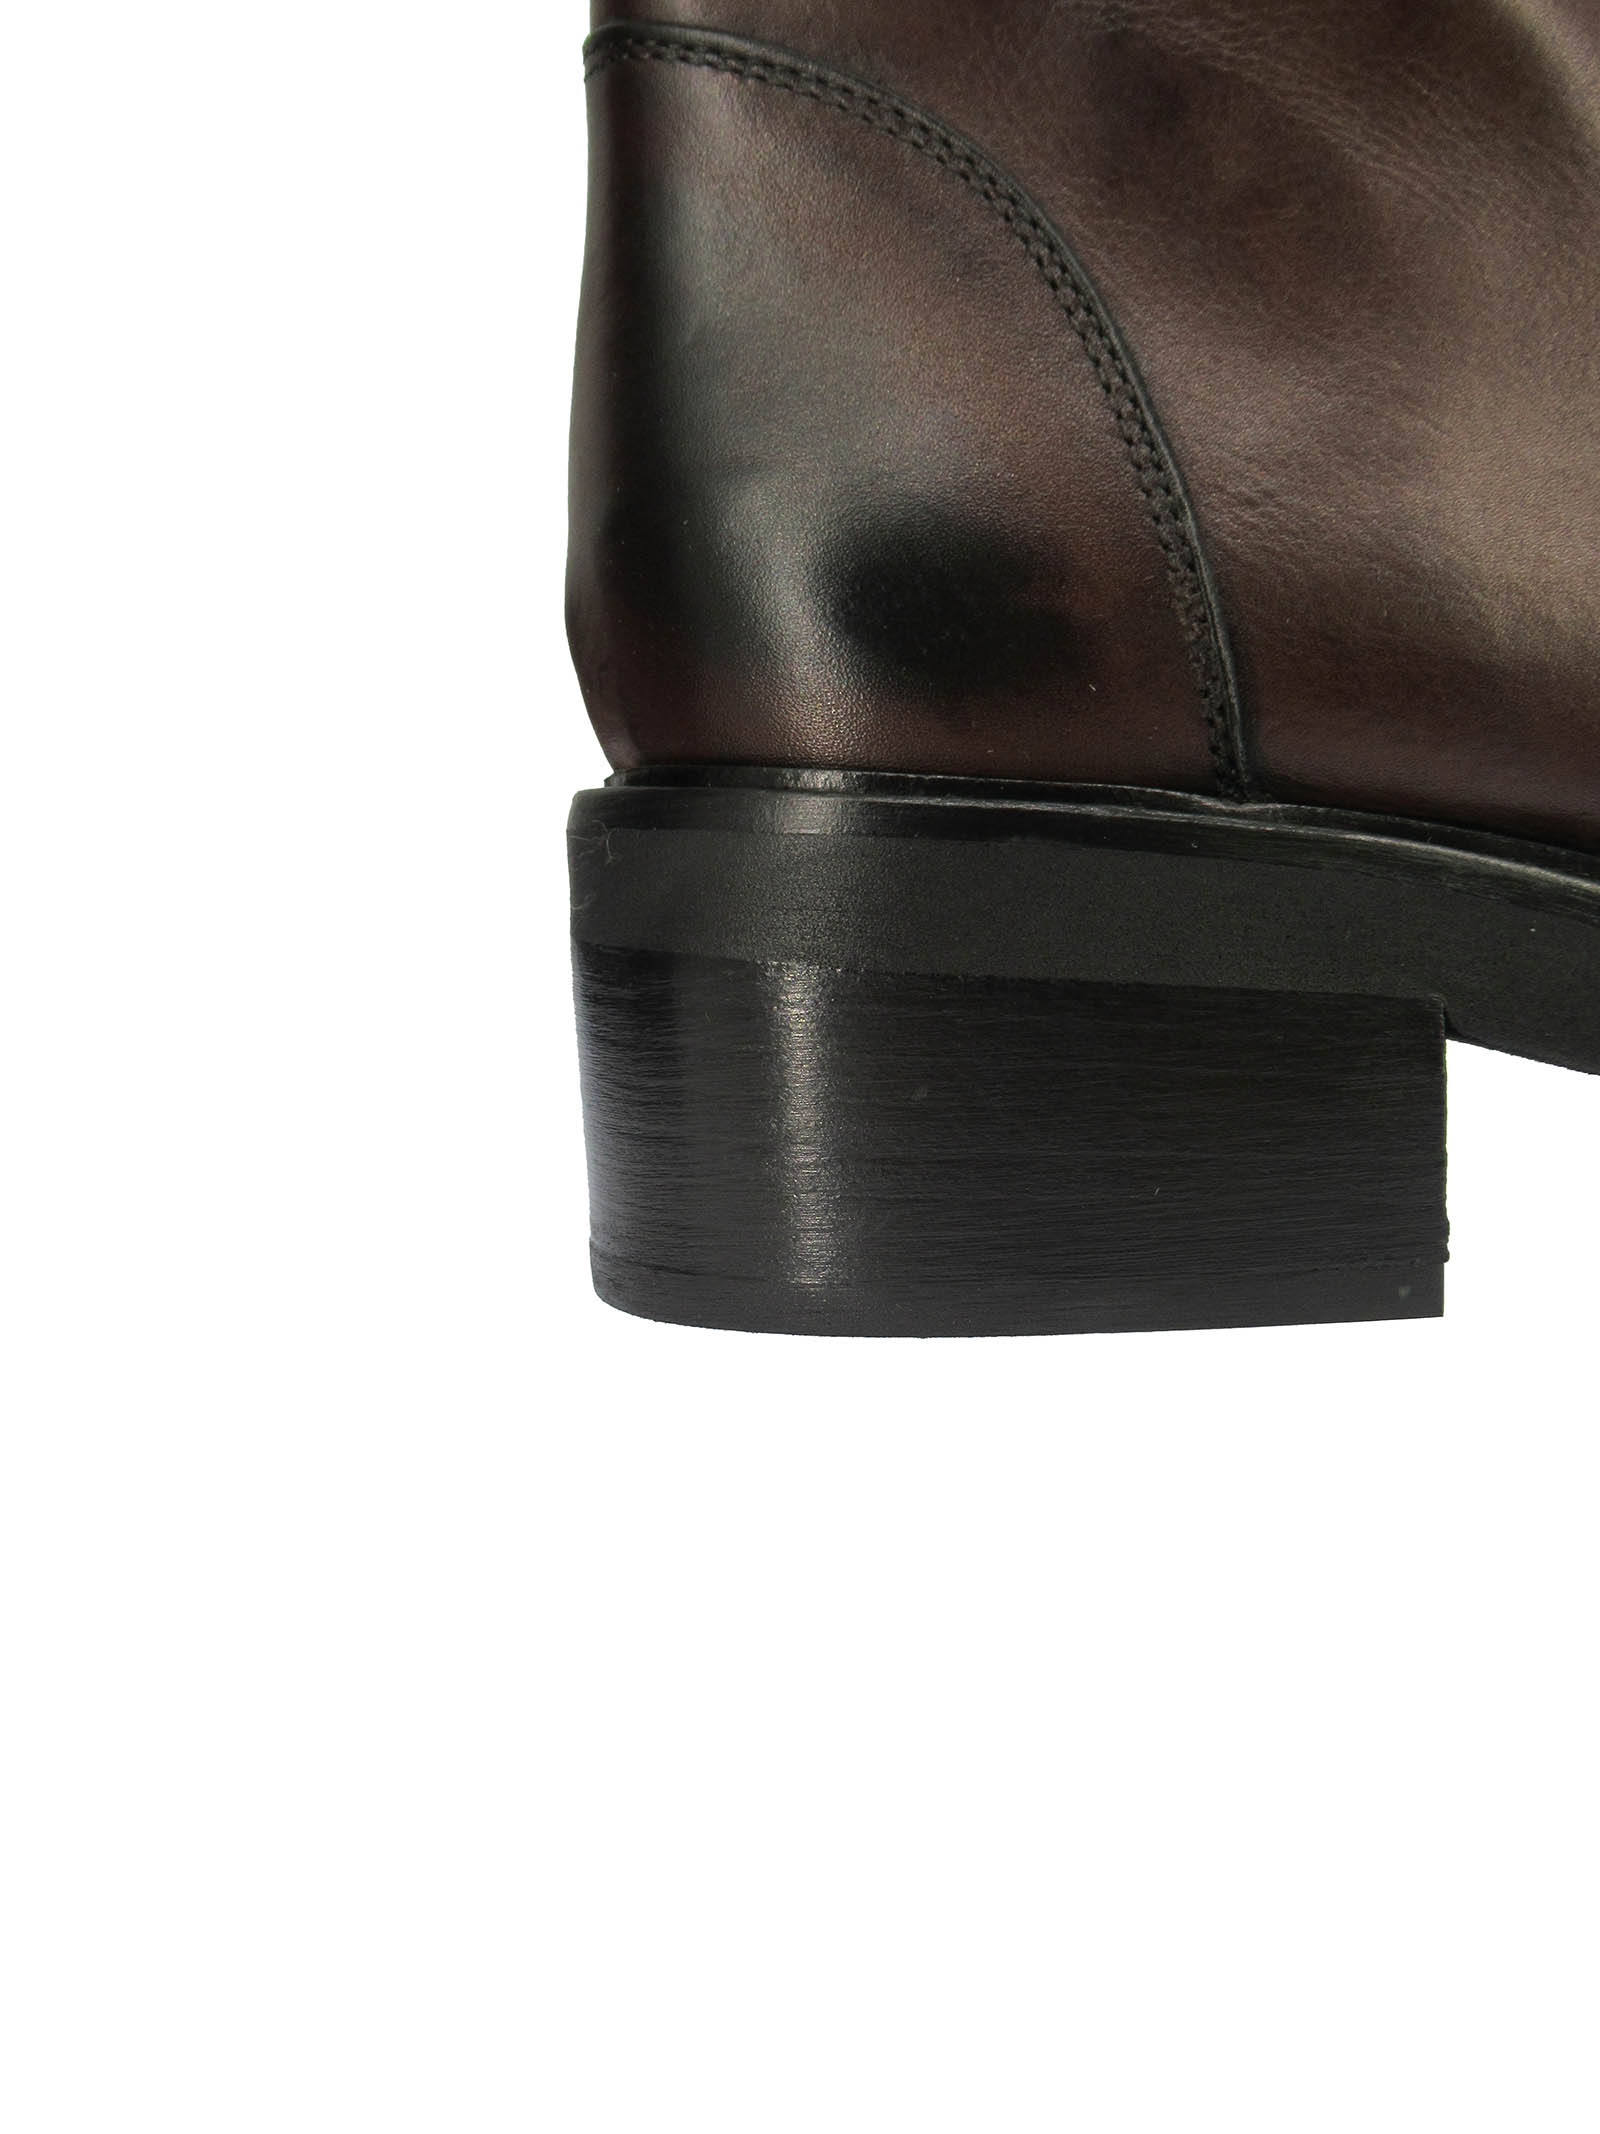 Calzature Donna Stivaletti in Pelle Testa Di Moro con Elastici e Zip Laterale con Fondo in Gomma Tattoo | Stivaletti | GAIA 6014